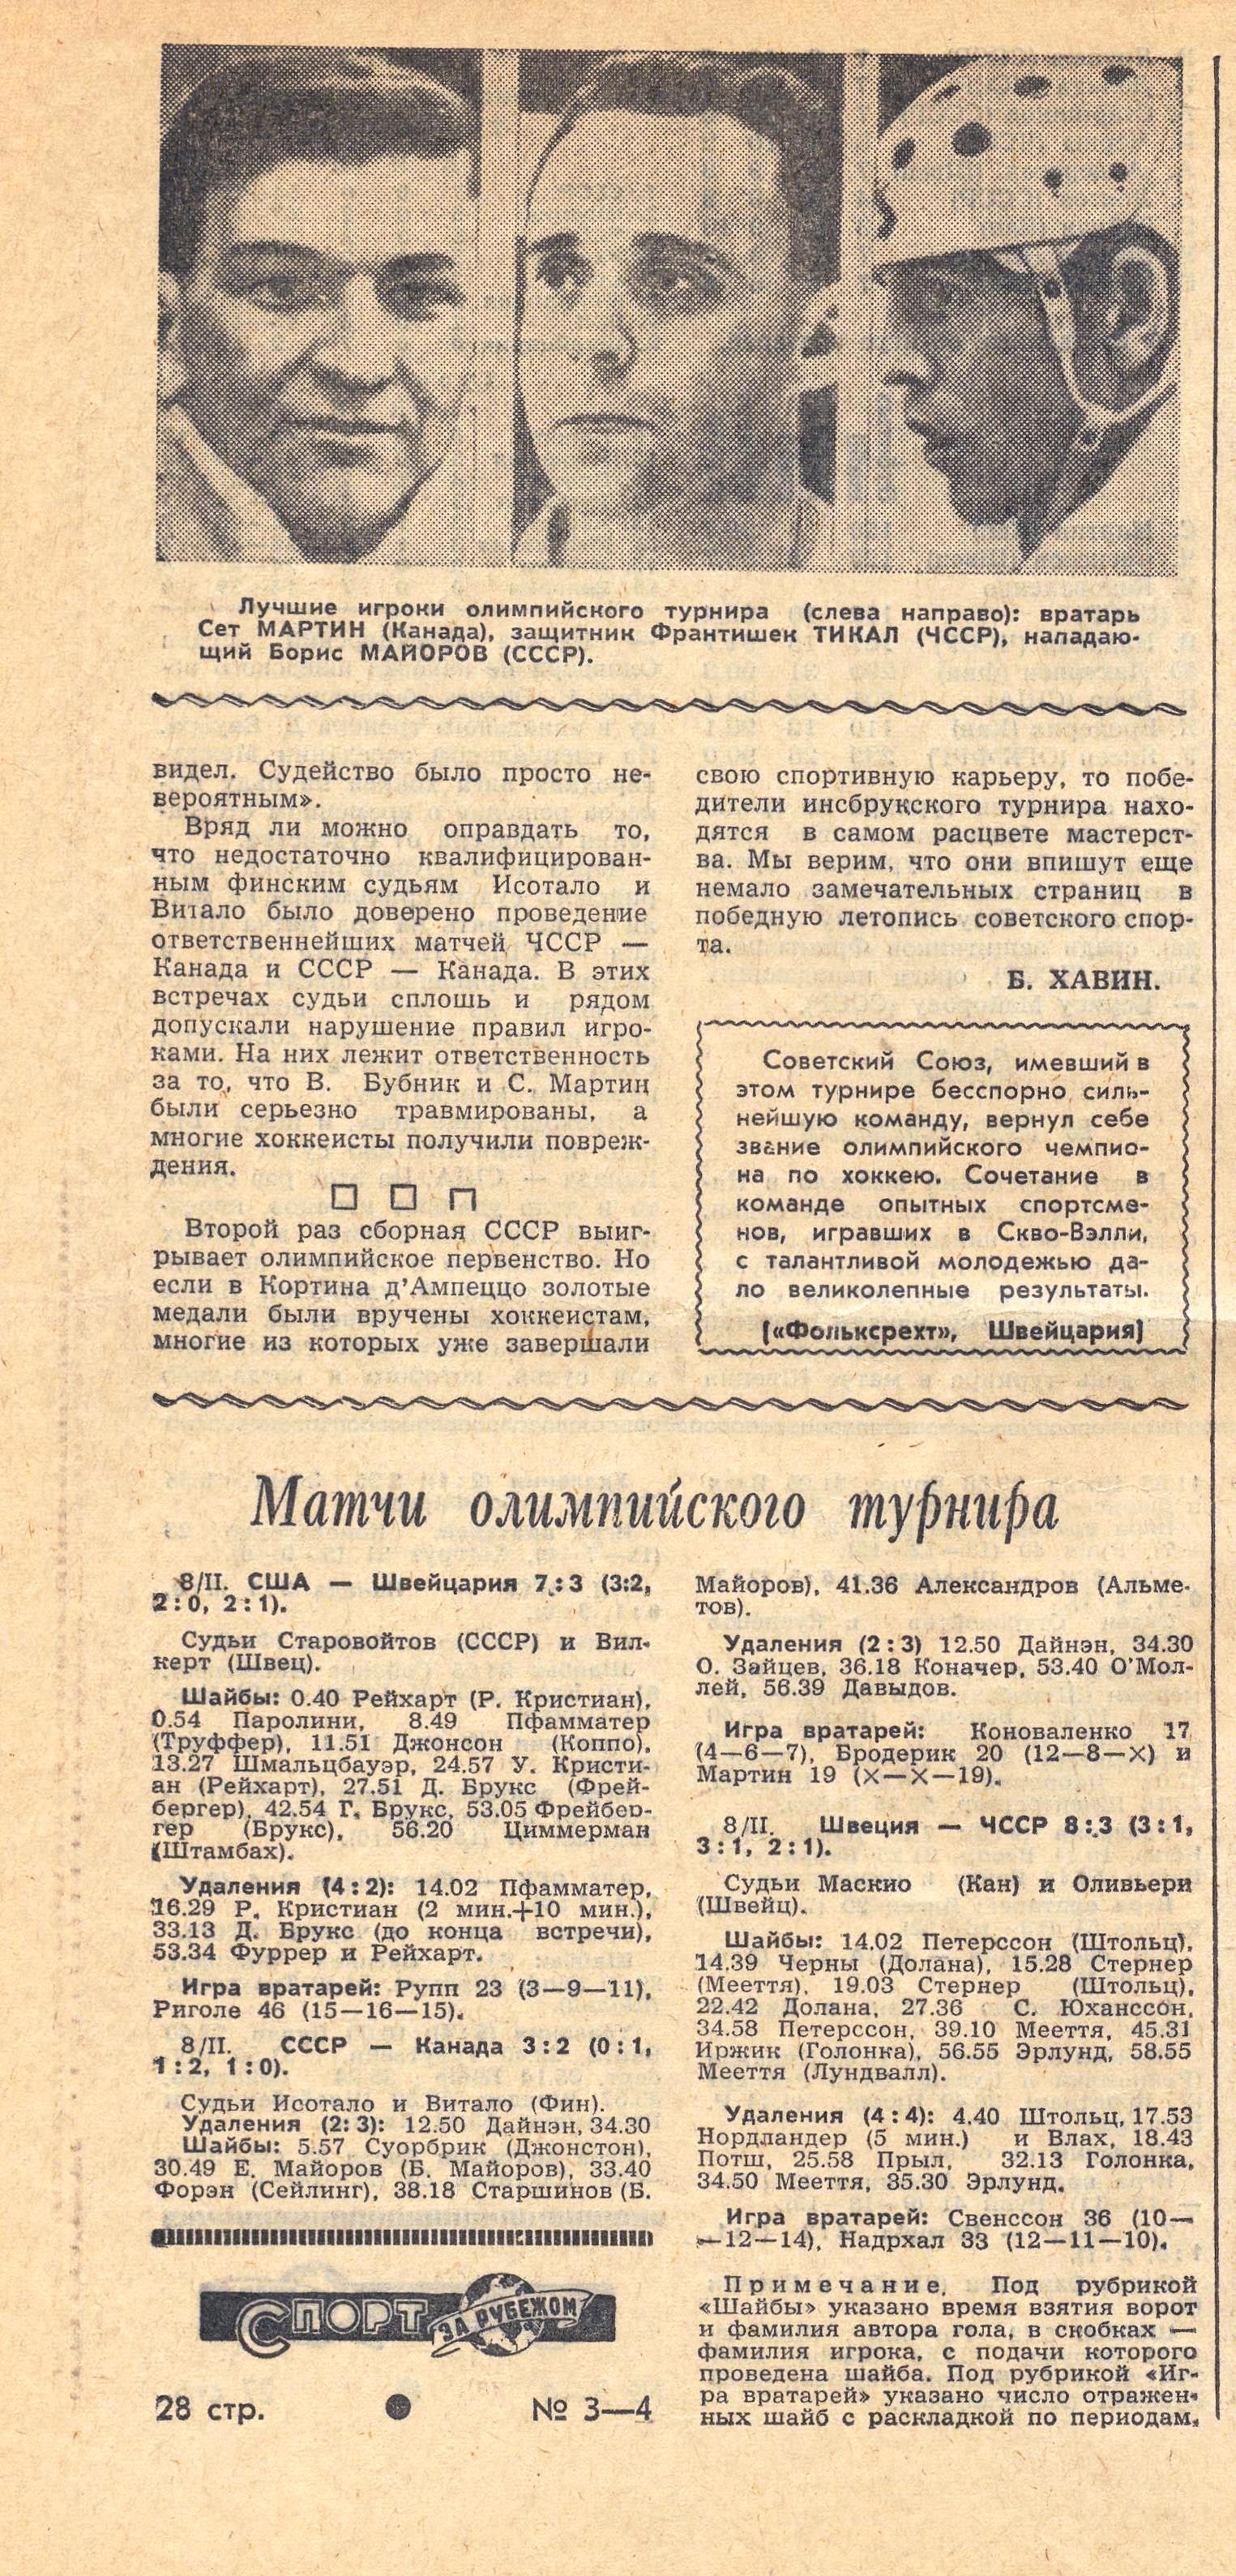 Лауреаты_олимпиады_1964.jpg